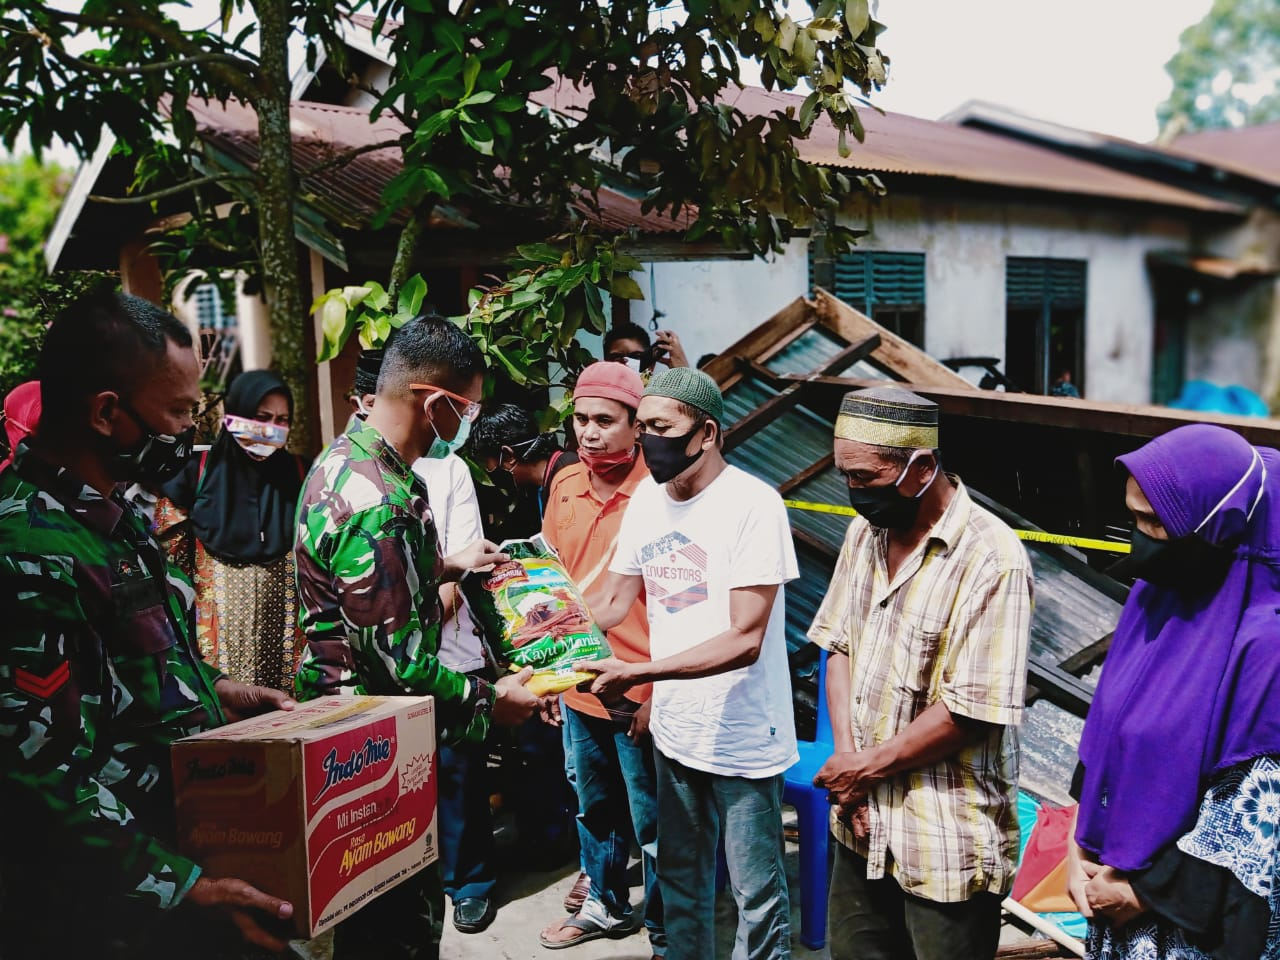 Dandim 0314, Polsek Tembilahan Hulu dan Yayasan Vioni Bersaudara Beri Bantuan Korban Kebakaran